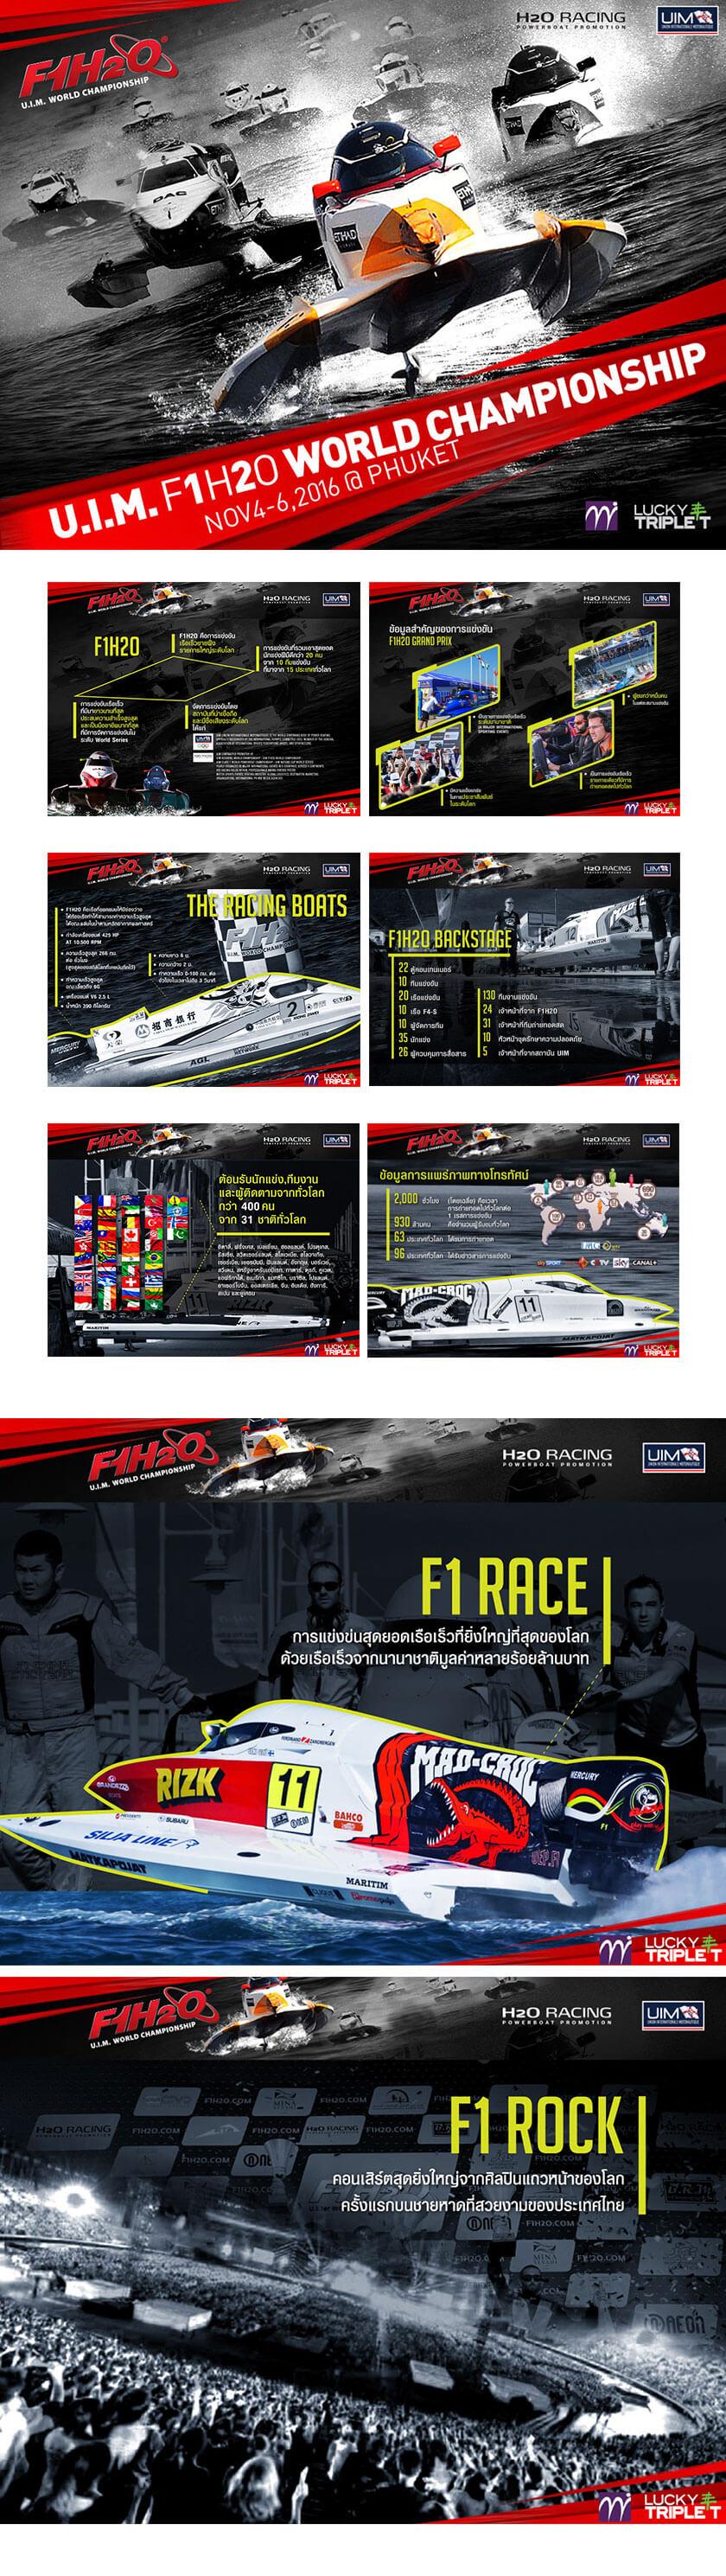 ออกแบบ Proposal F1 H2O | MeDee - บริษัทรับทำเว็บไซต์ กราฟฟิกดีไซน์